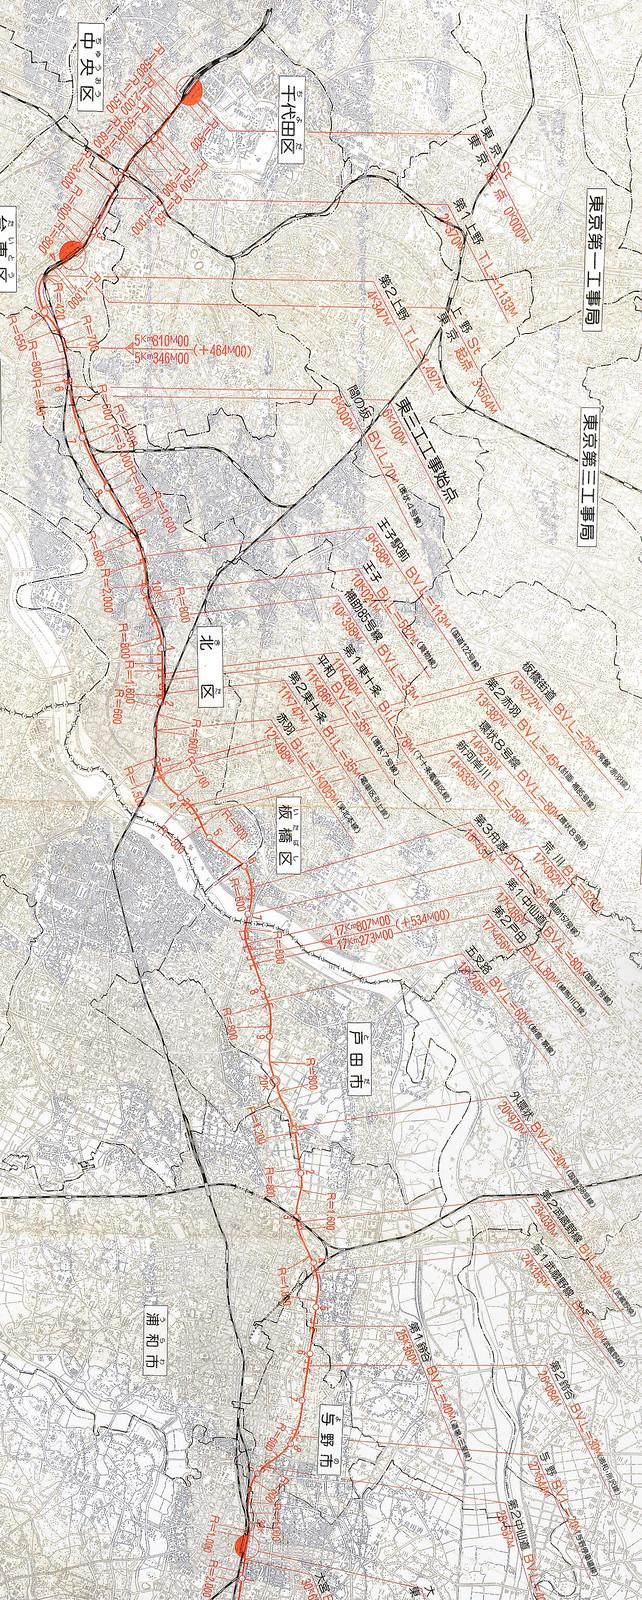 東北新幹線東京大宮間110キロ規制と線形 (9)